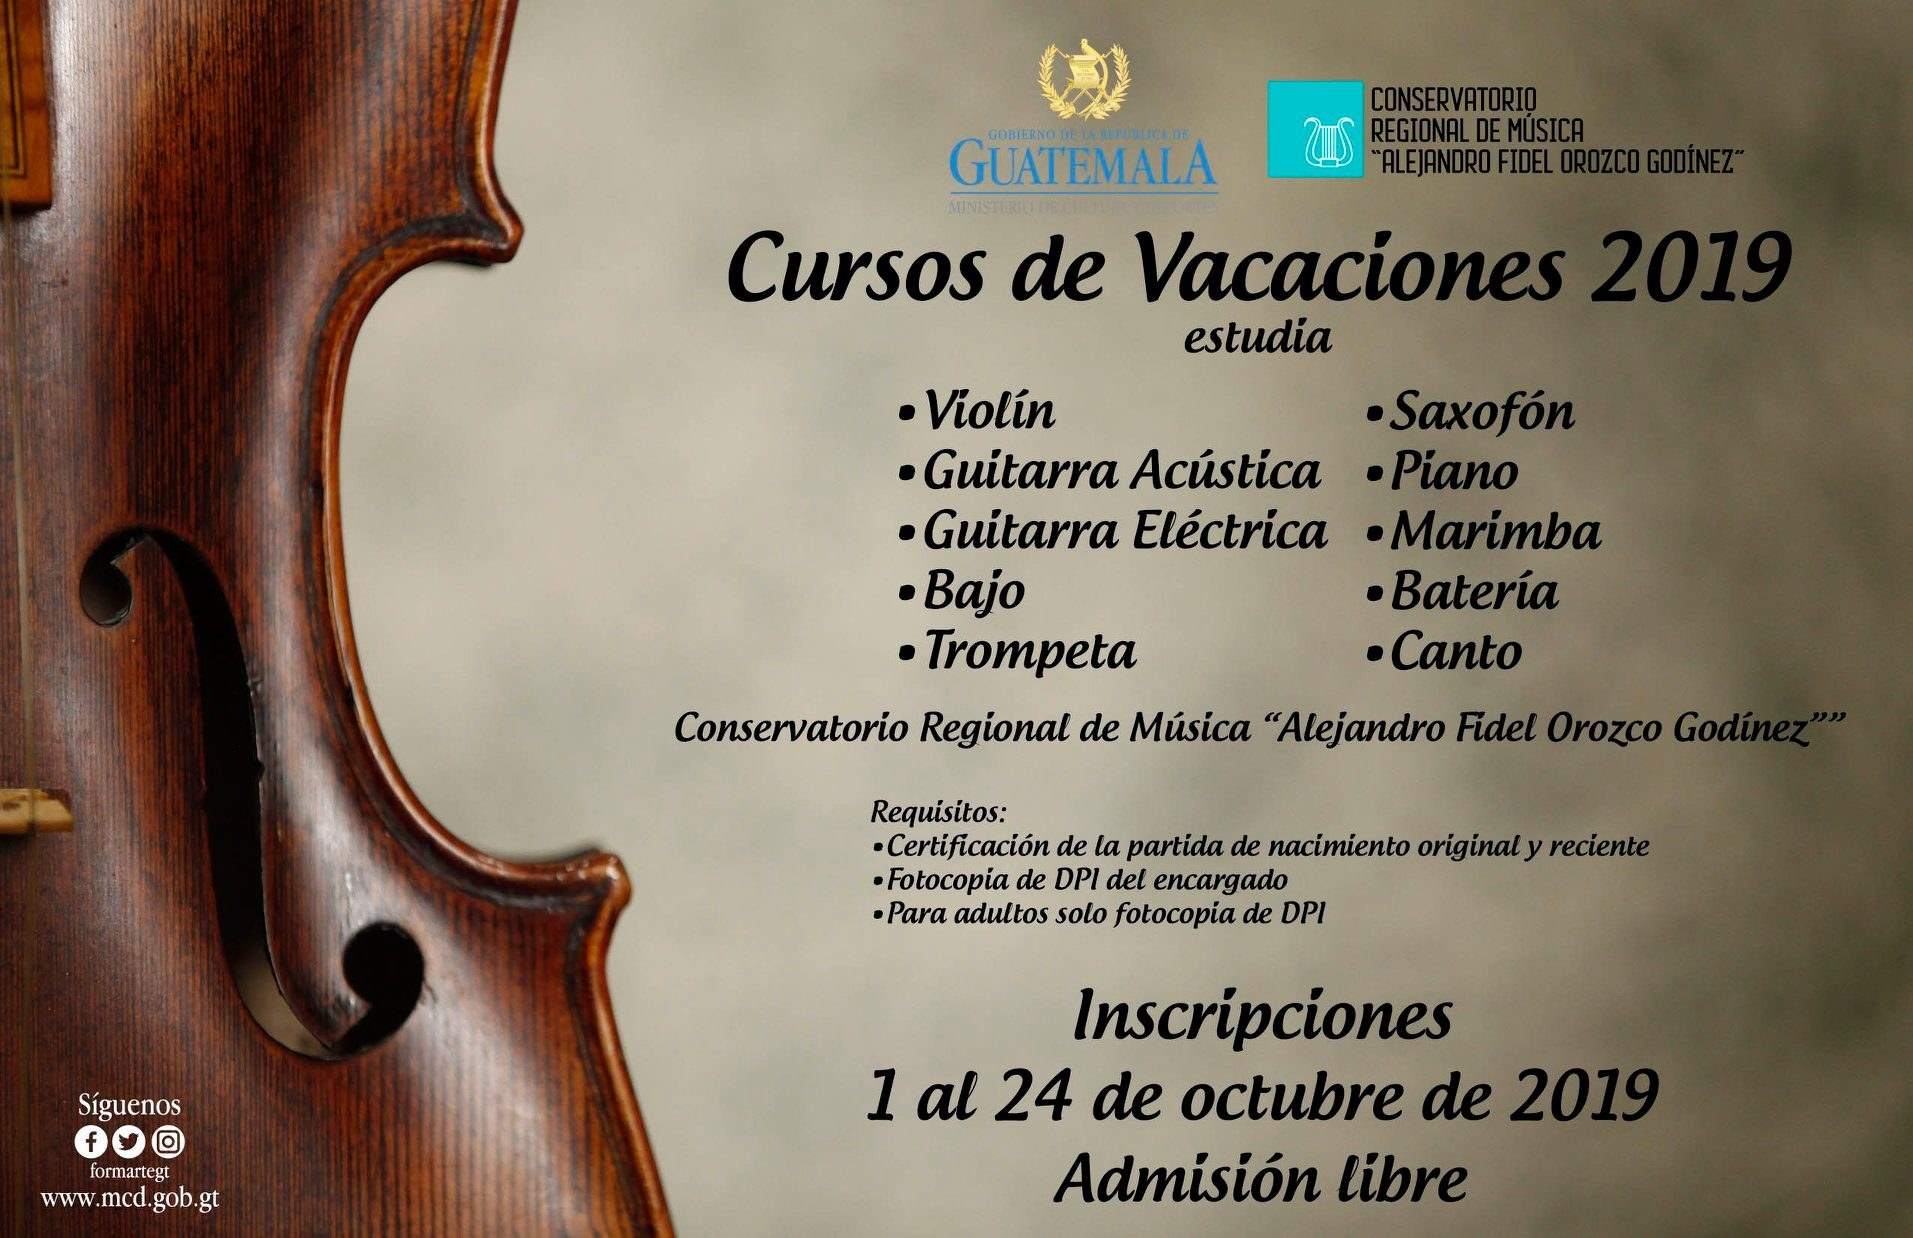 Cursos vacaciones Guatemala